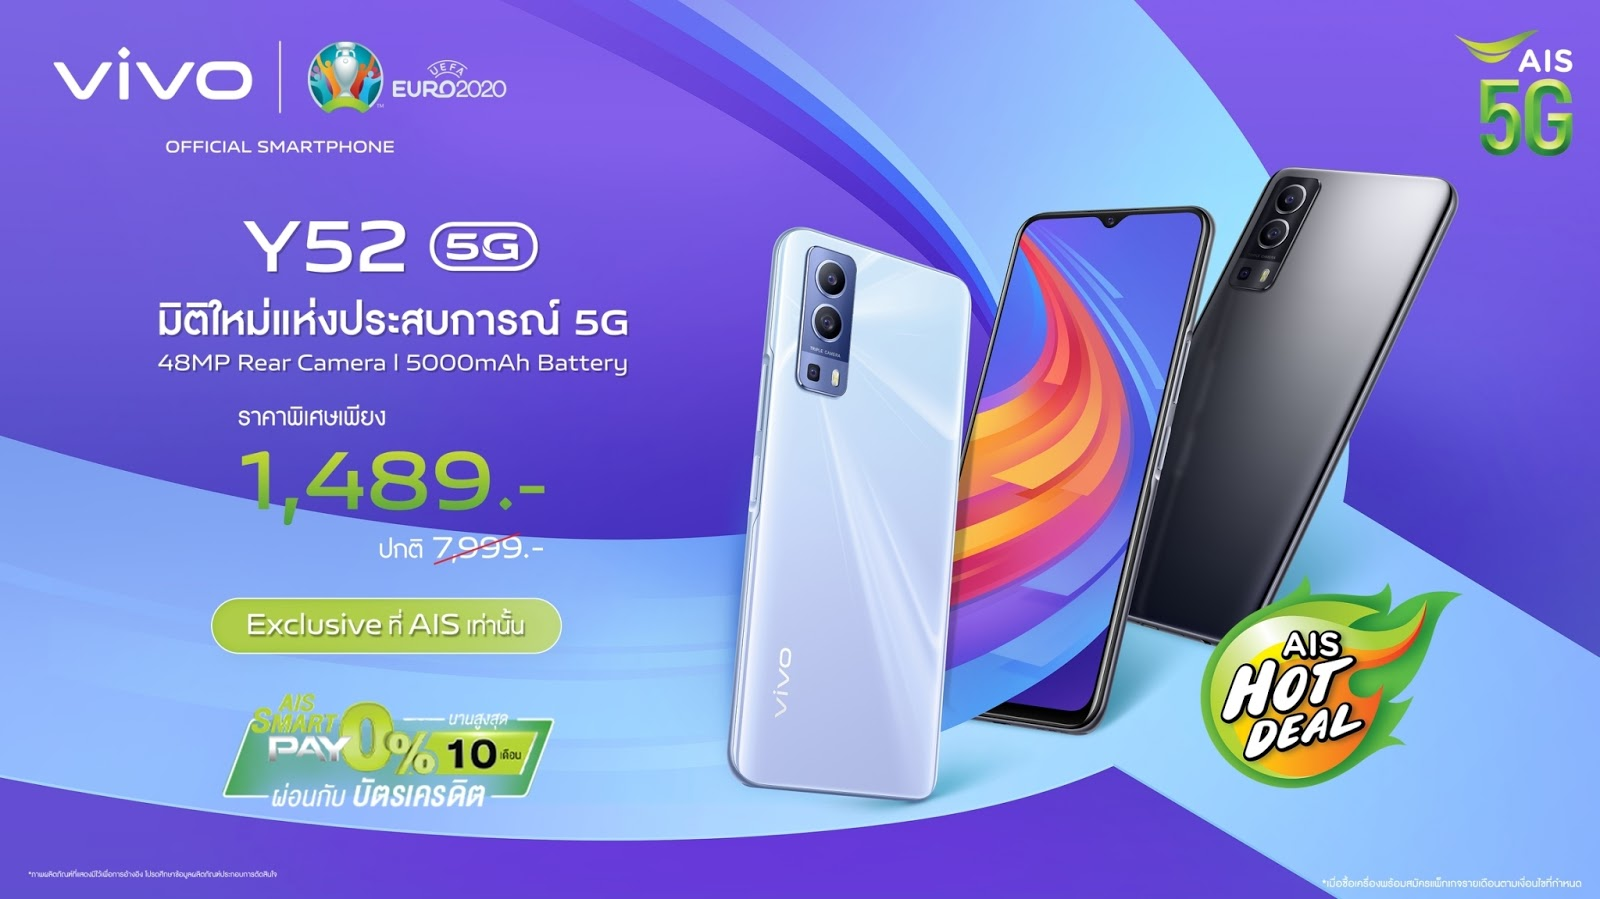 เตรียมเป็นเจ้าของ vivo Y52 5G สุดยอดสมาร์ตโฟน 5G ตระกูล Y Series ในราคาเริ่มต้นเพียง 1,489 บาท ที่ AIS ทุกสาขา 17 มิ.ย. นี้